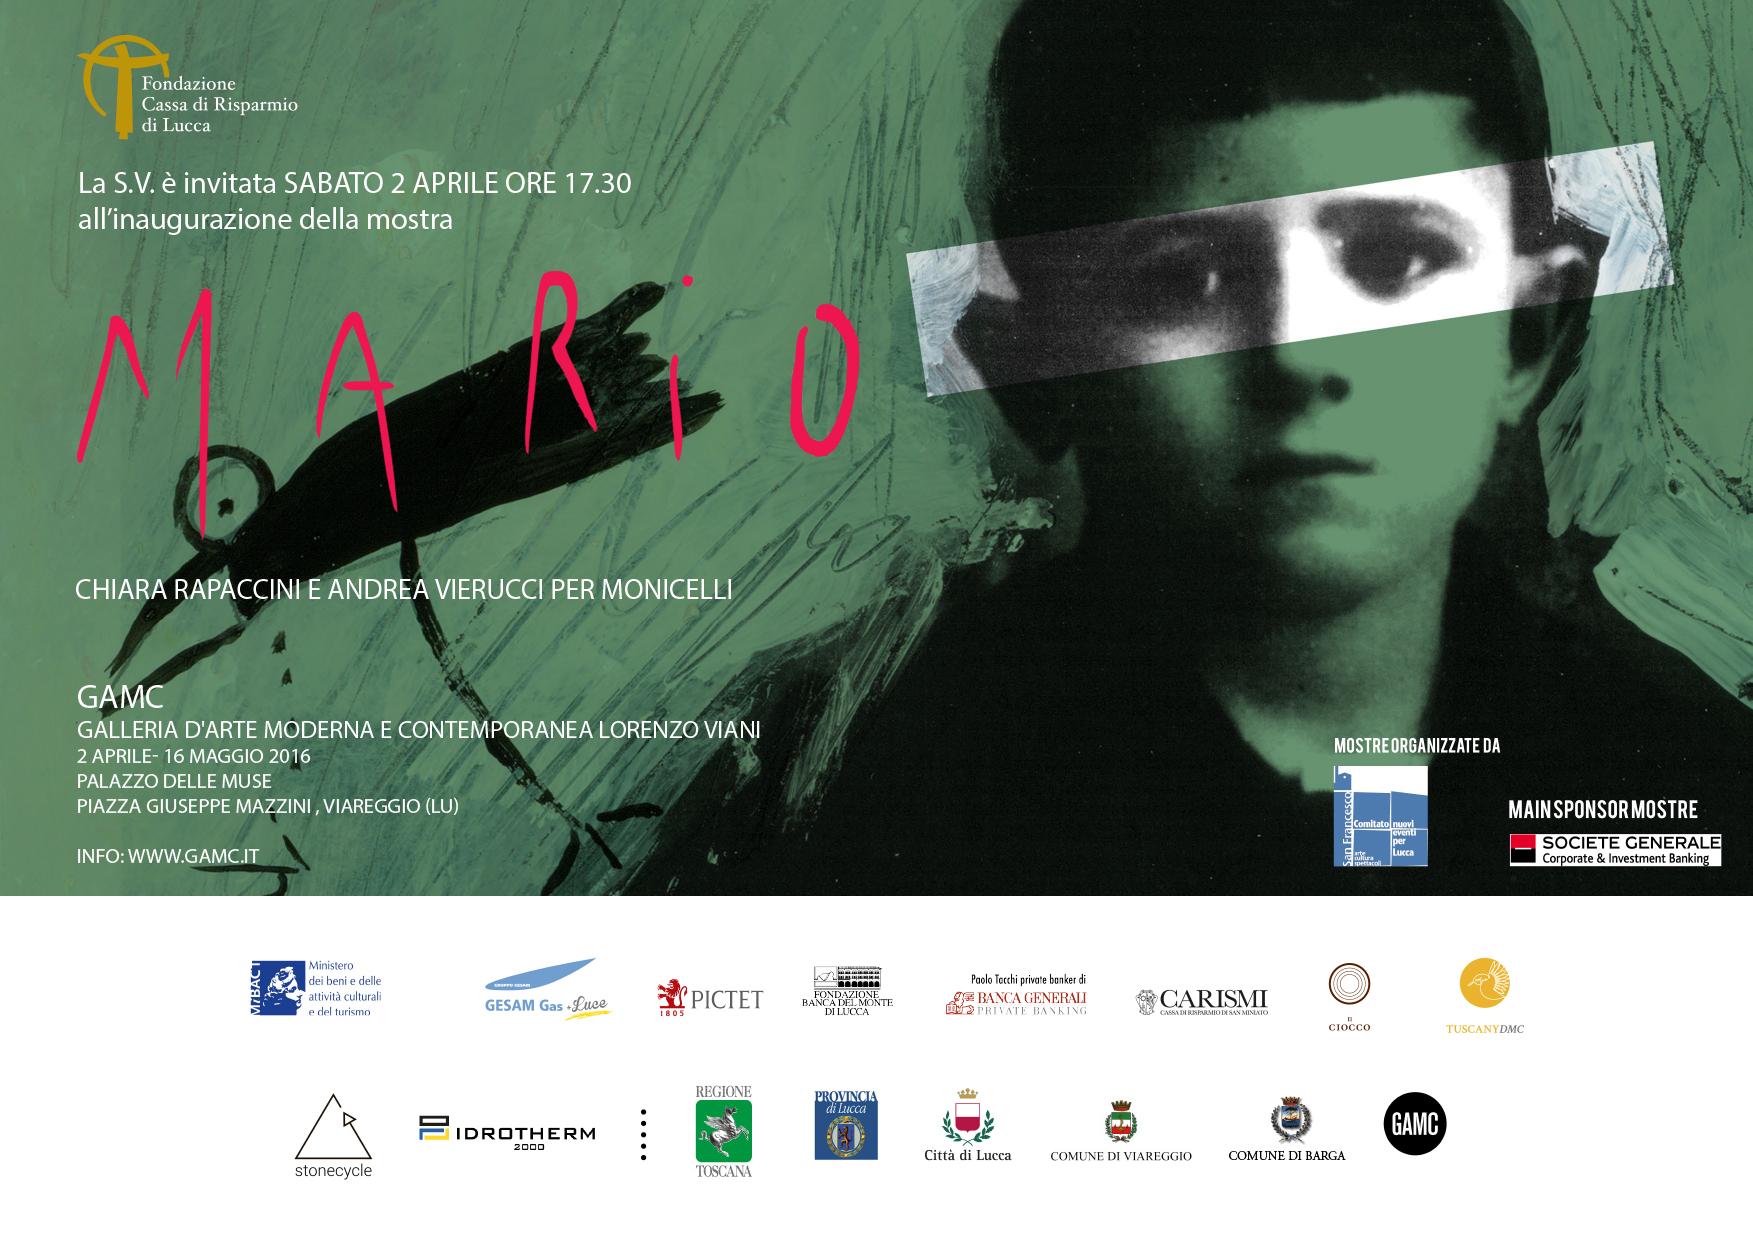 Invito_Monicelli-_(LFF2016)